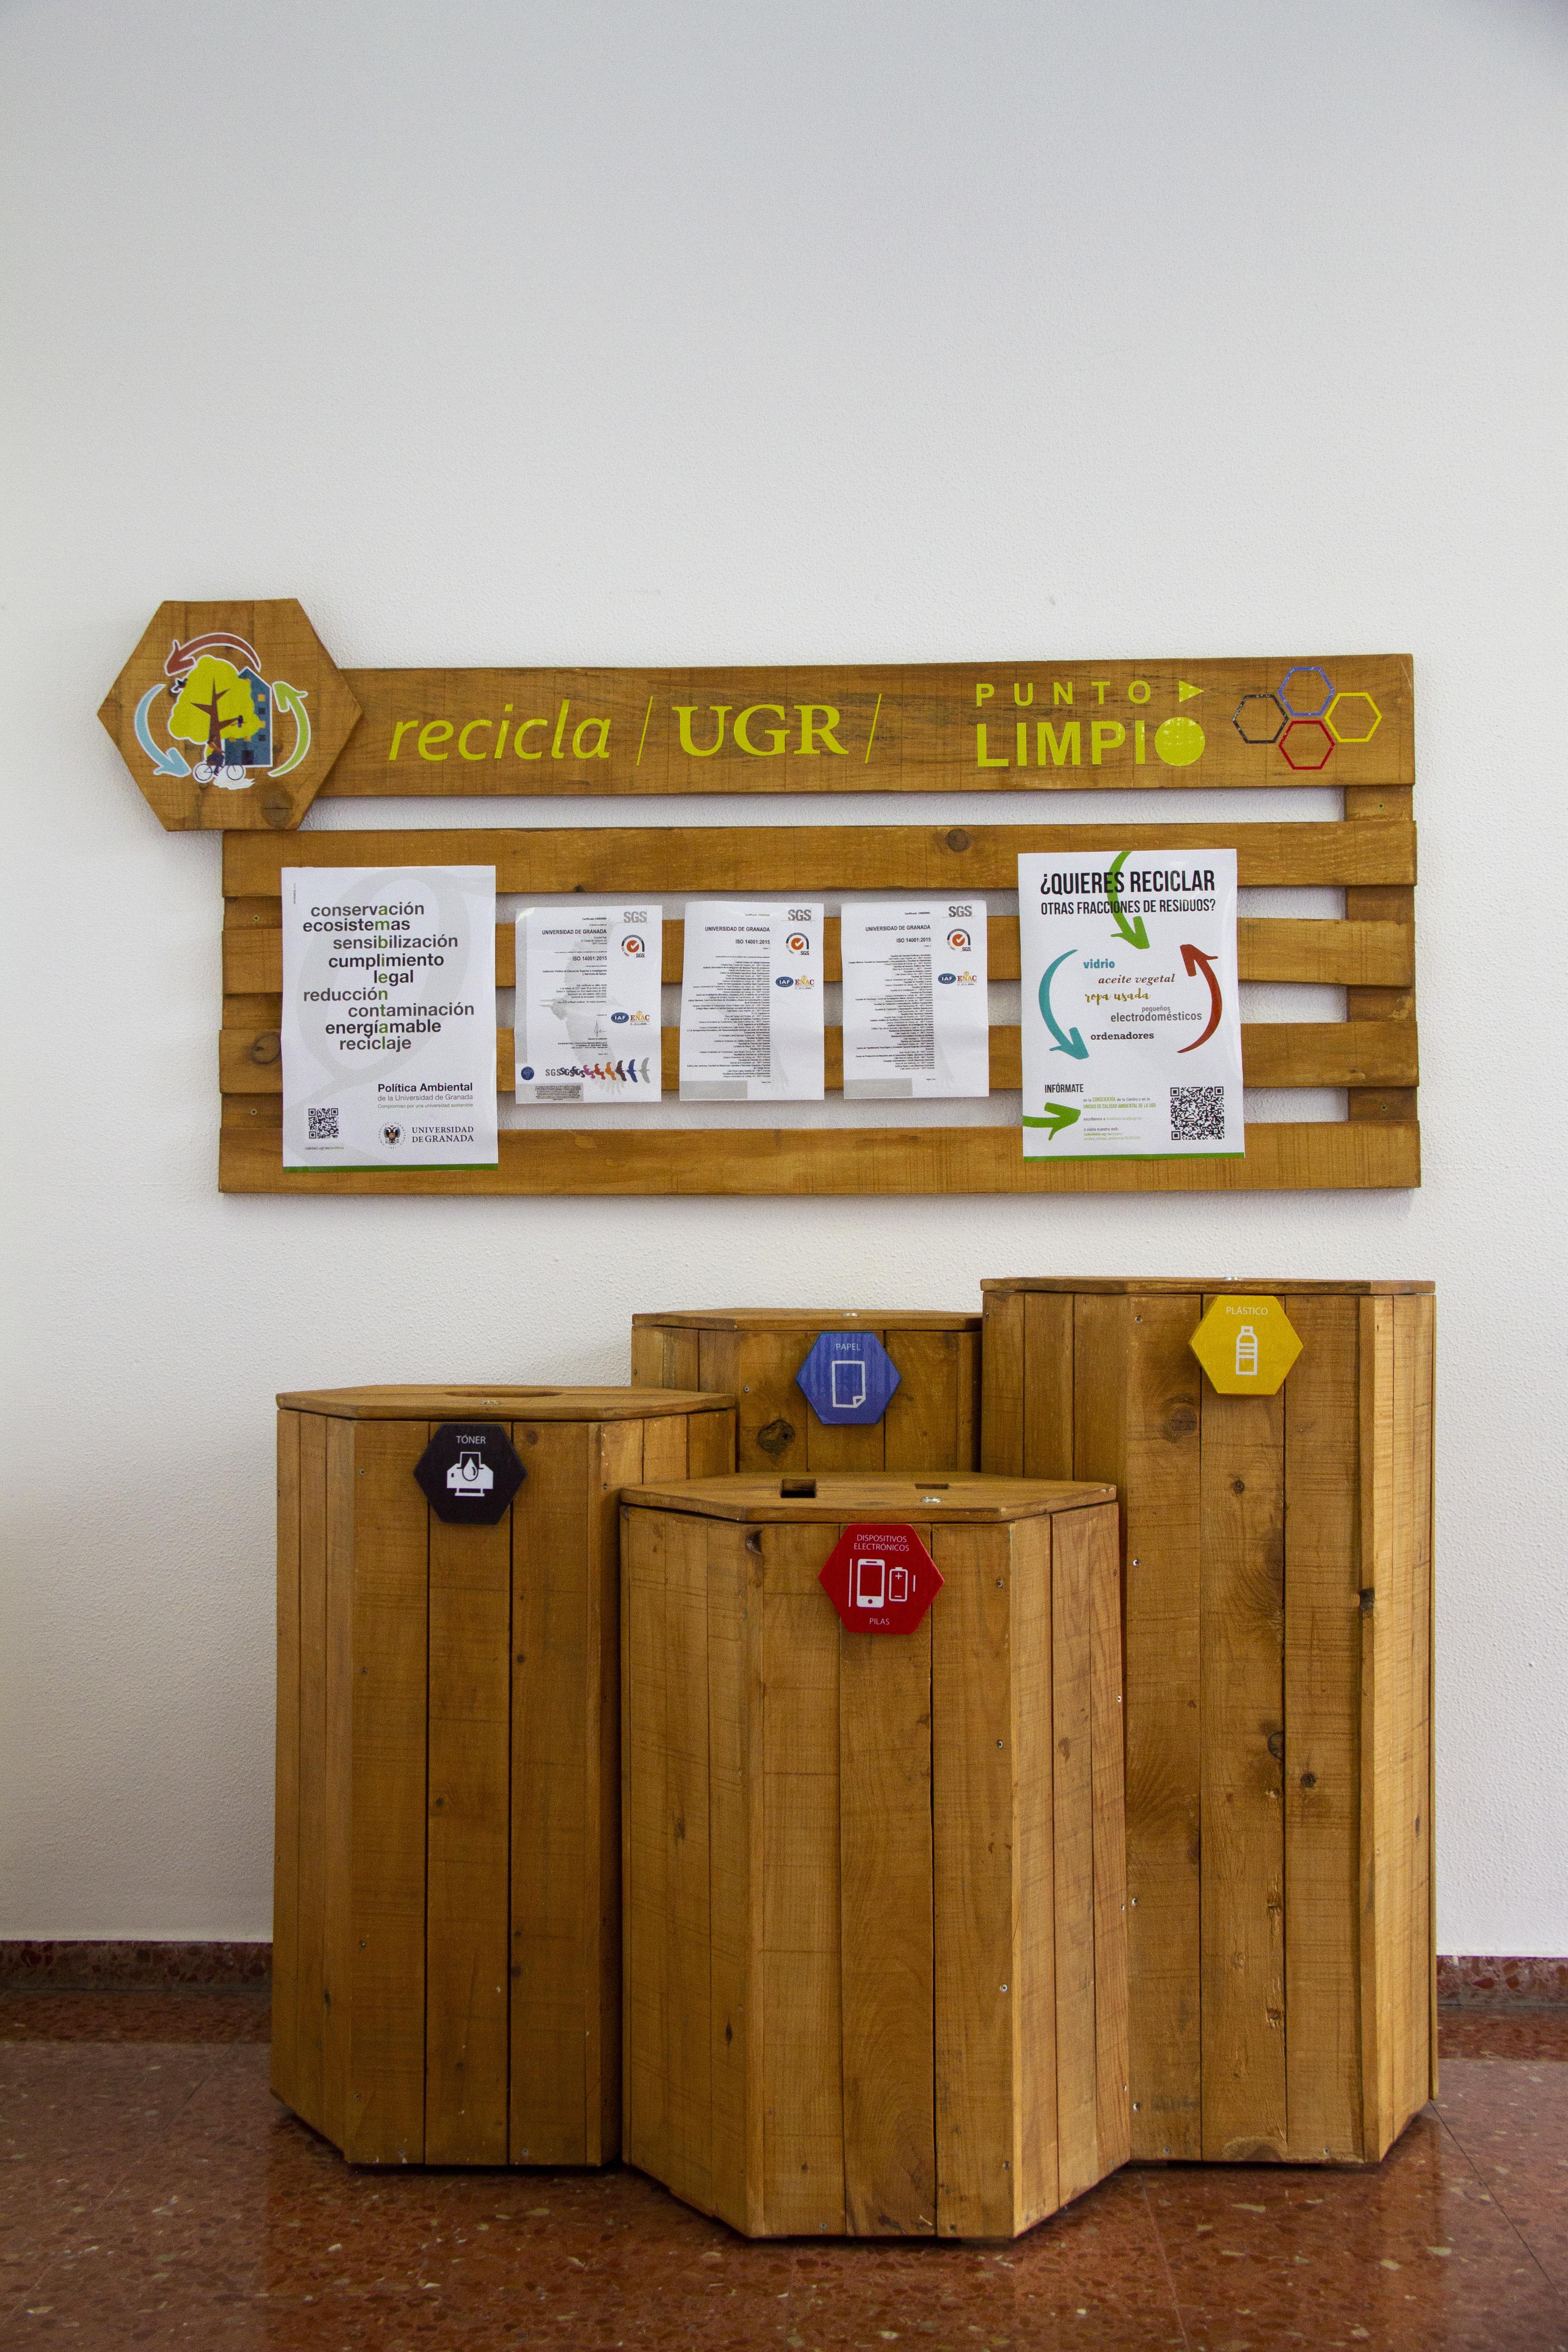 La UGR apuesta por la economía circular inclusiva con la instalación de puntos limpios en sus instalaciones